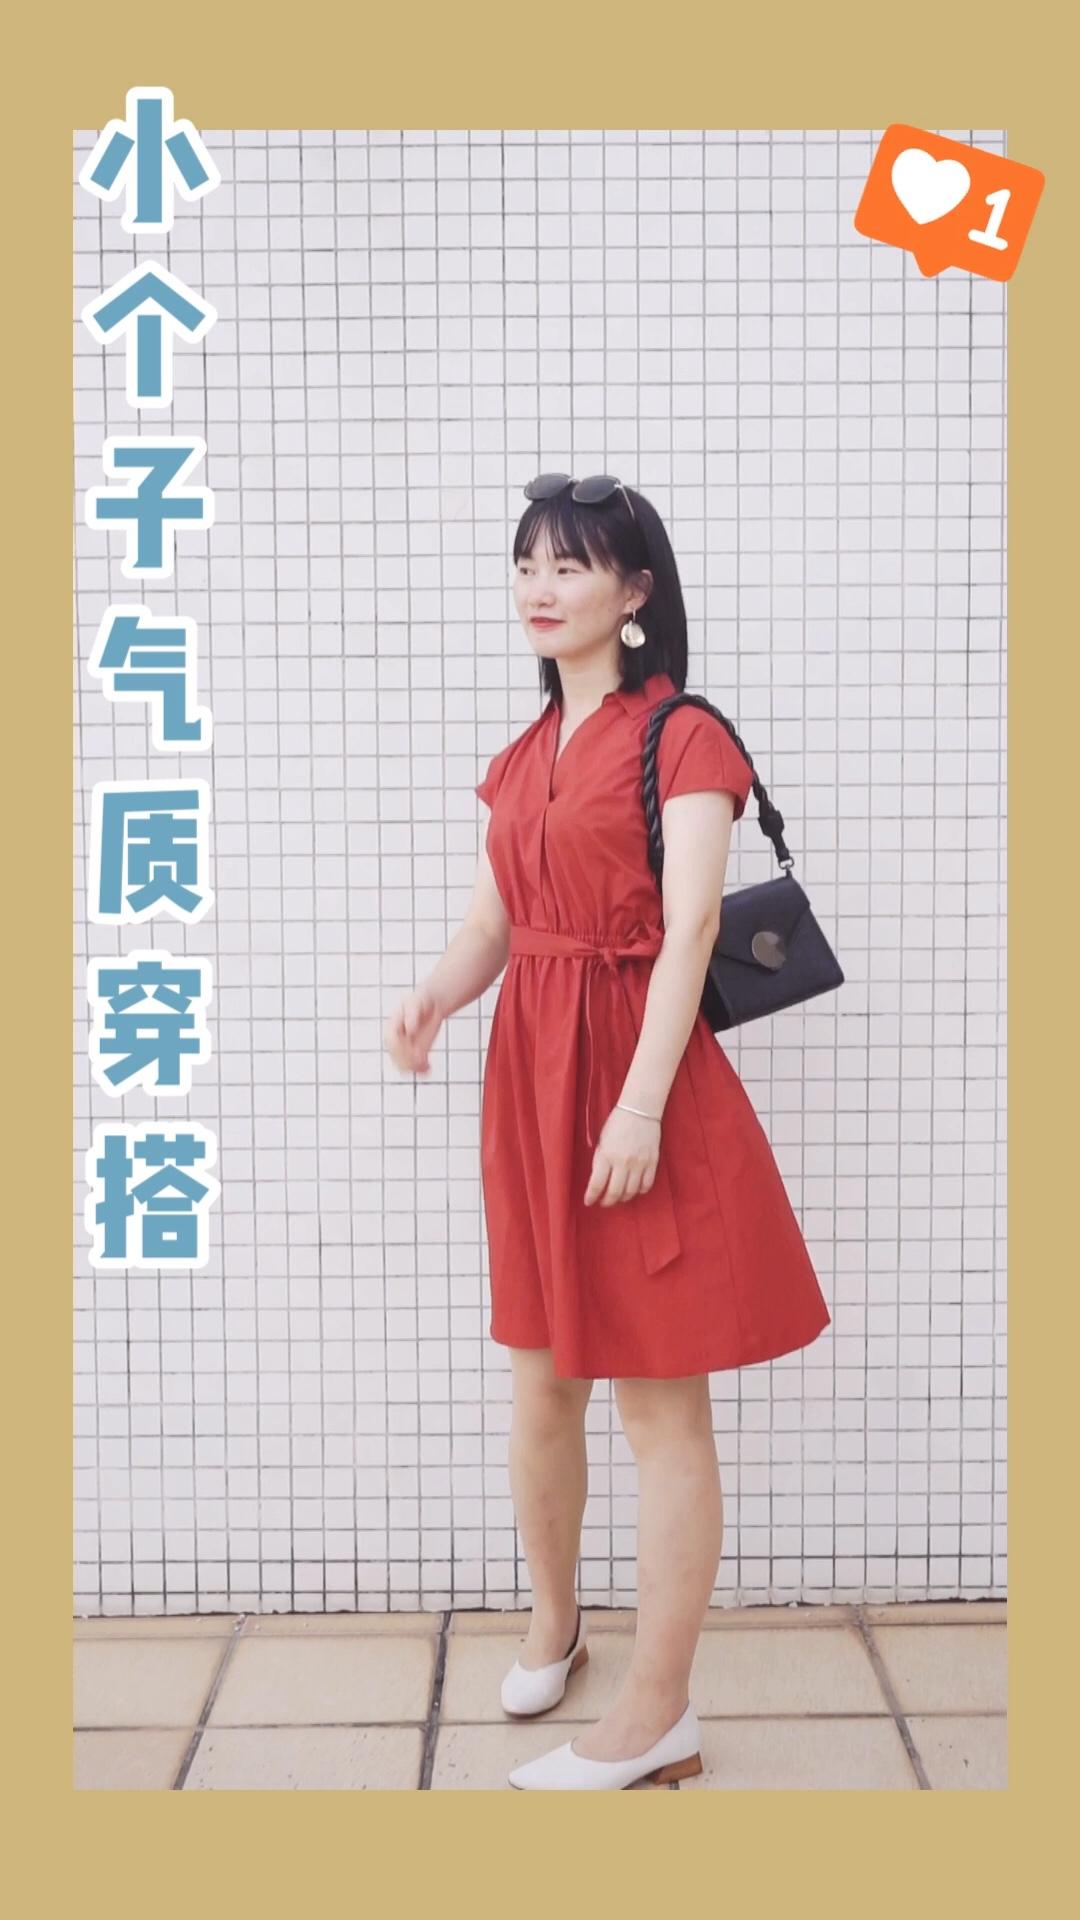 #第一次约会这样穿超加分!#  版型超正的红裙子 颜色很耐看显肤色 腰线设计显高又有气质 搭配了金属耳环 黑色包包~